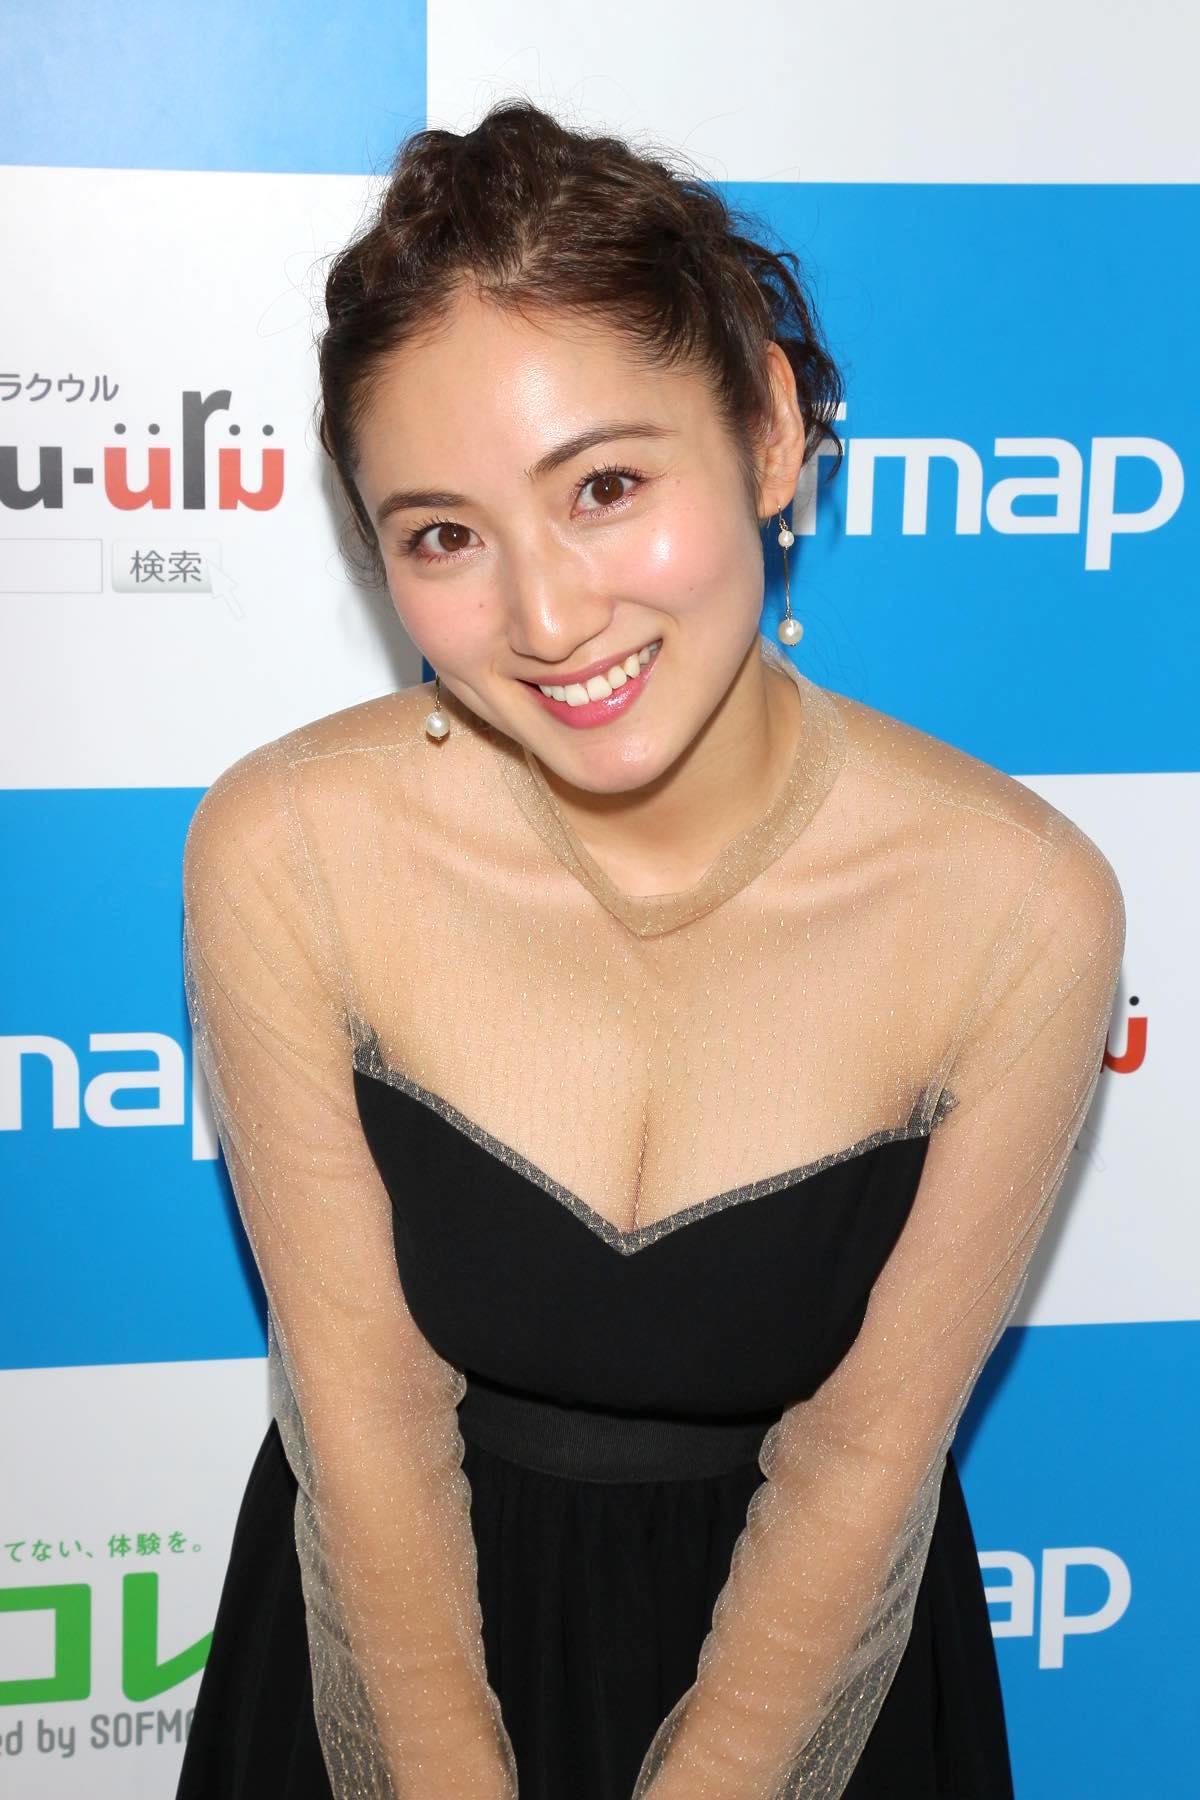 紗綾のグラビア水着ビキニ画像0024